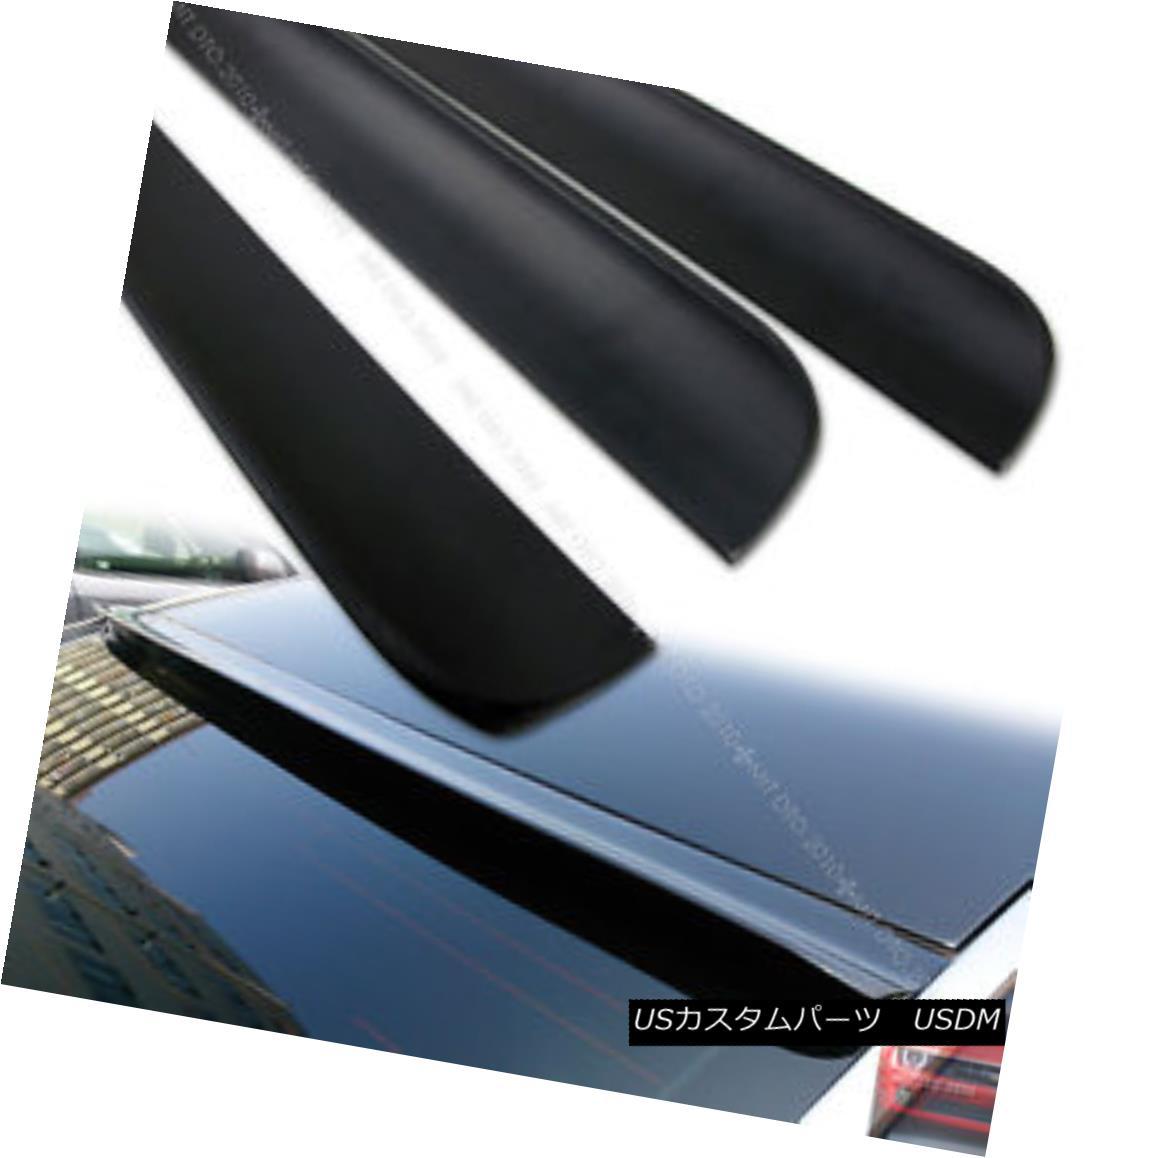 エアロパーツ Unpainted For Rear Roof Lip Spoiler Wing Audi A4 B6 4DR Sedan 2002-2005 リヤルーフスポイラーウイングアウディA4 B6 4DRセダン2002-2005用未塗装